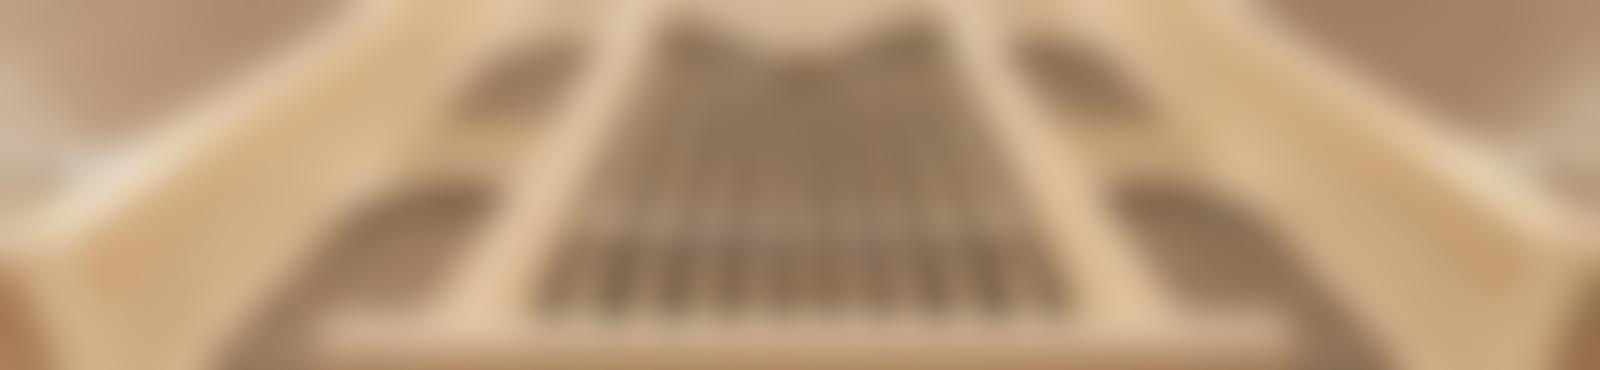 Blurred 3784bc4a f124 4e21 acb4 e981412d2d5c